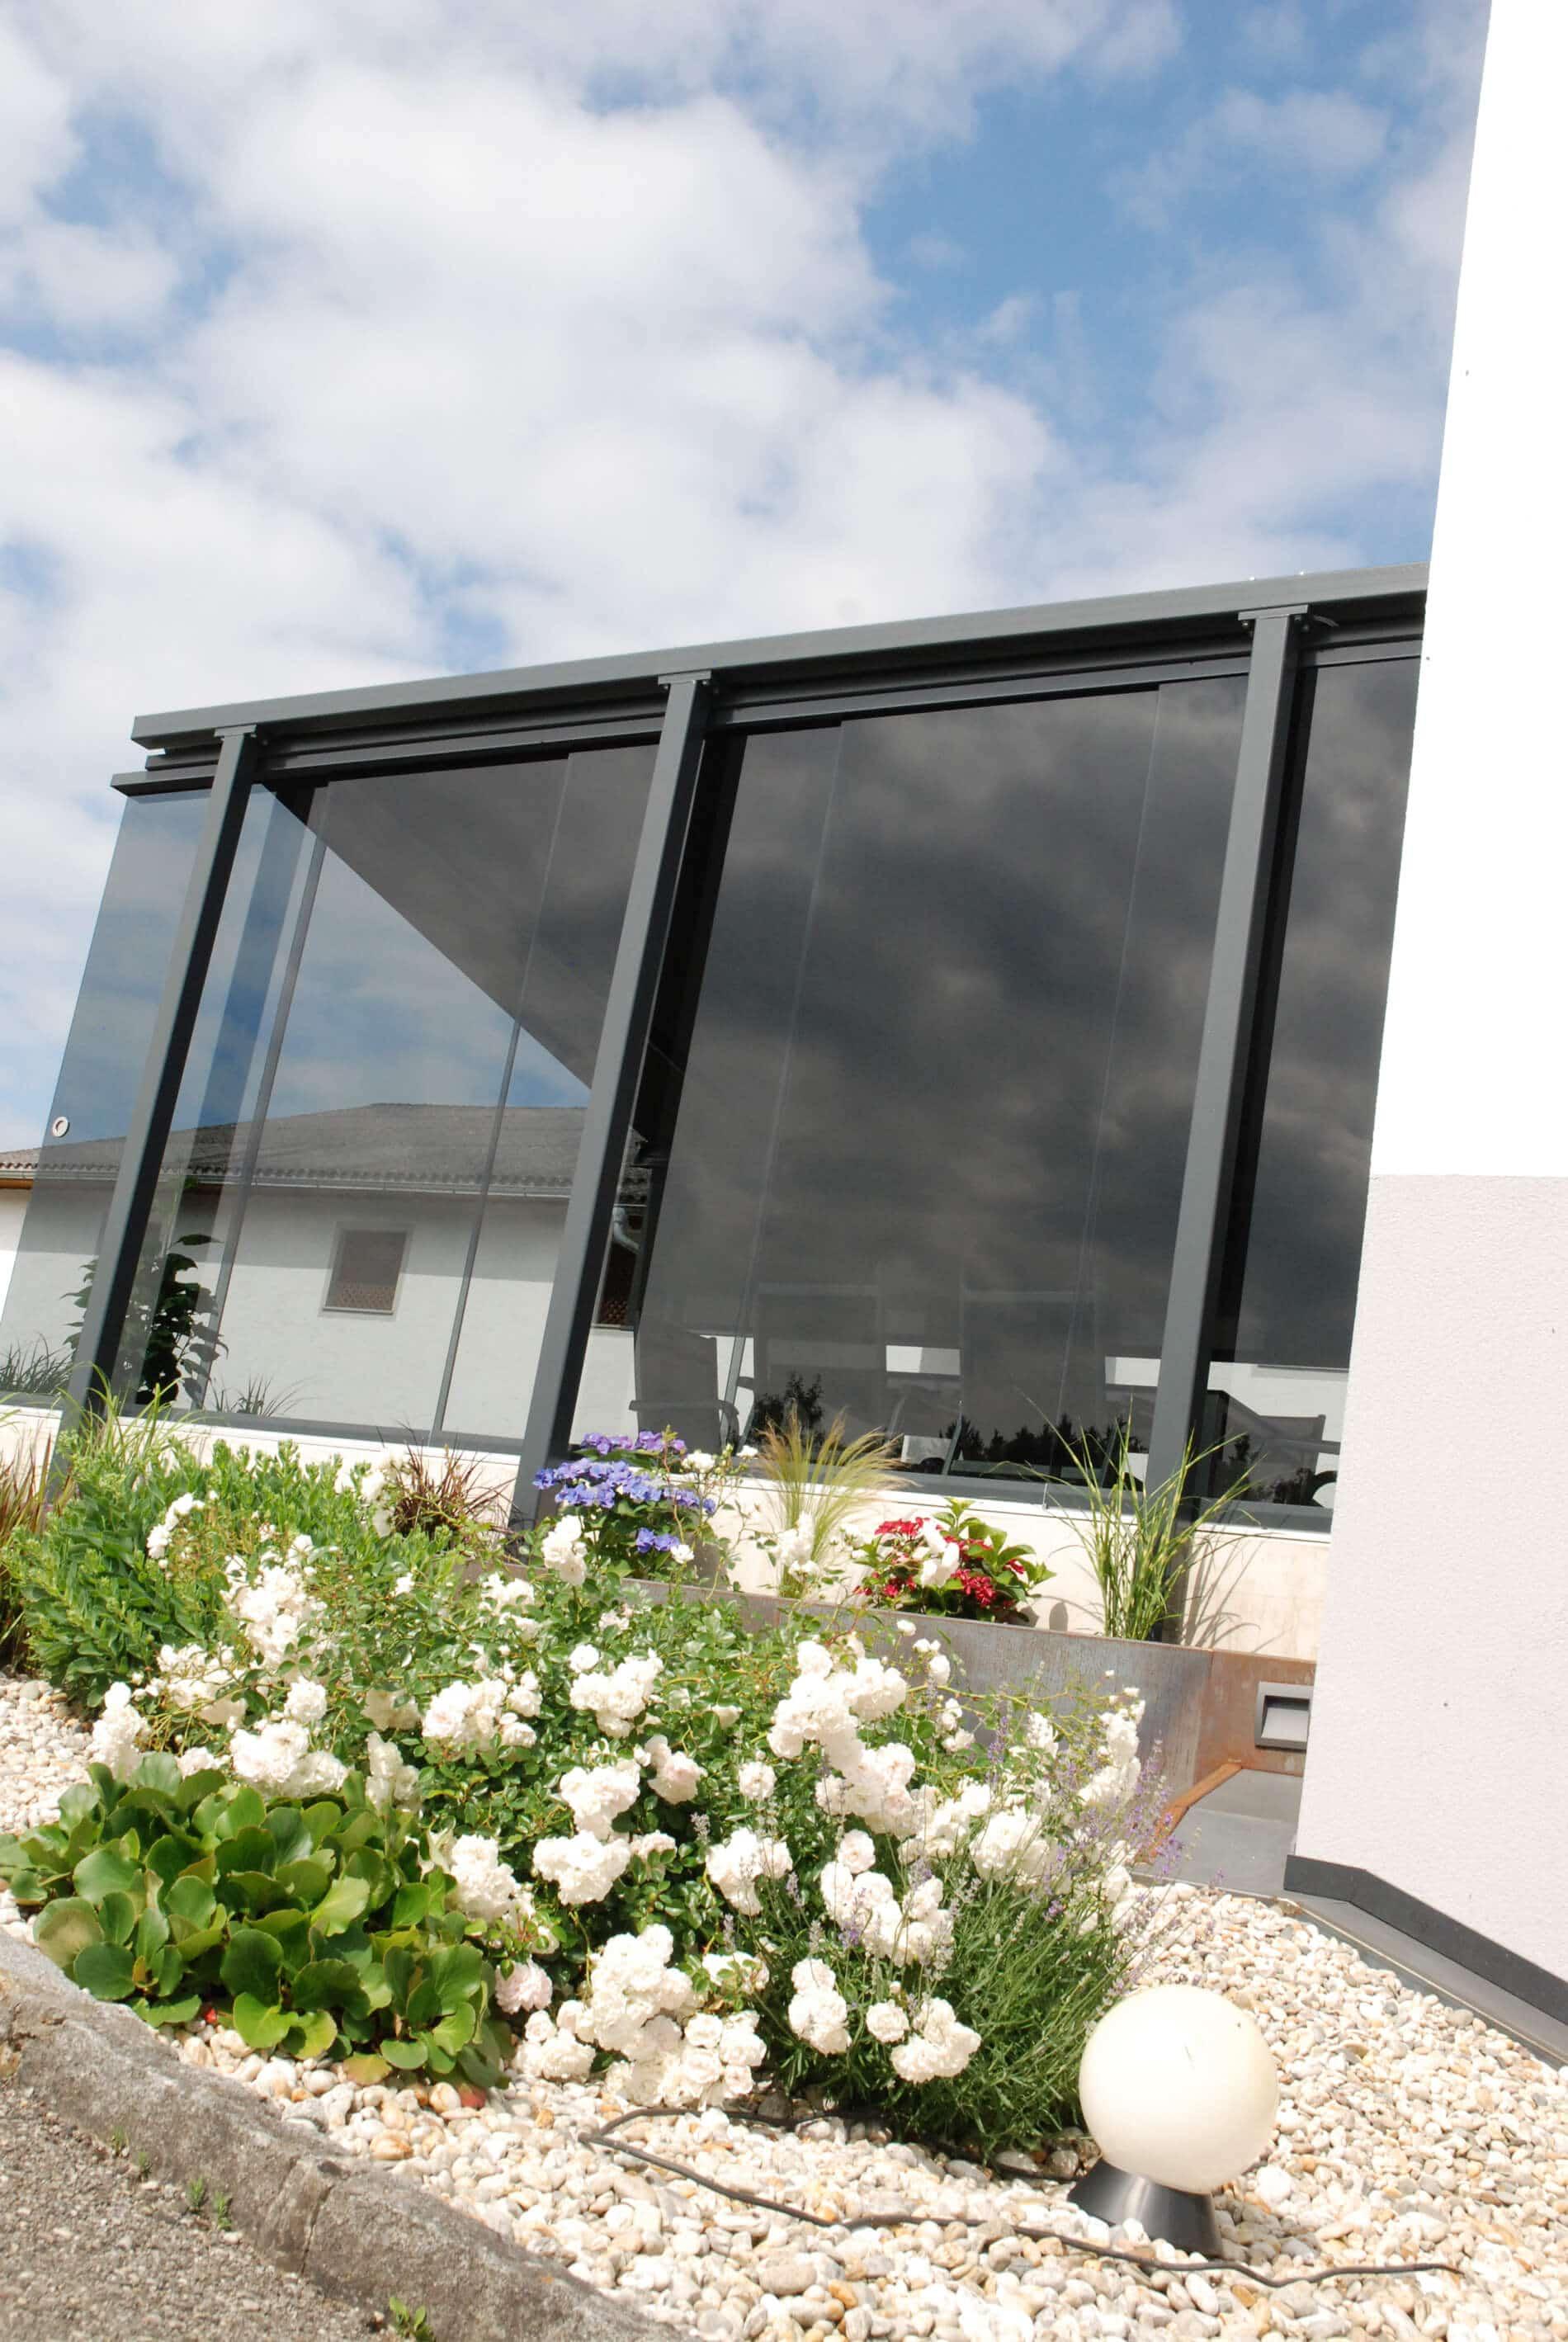 Windschutz Freistehend Mit Flexiblen Glasschiebeturen Wintergarten